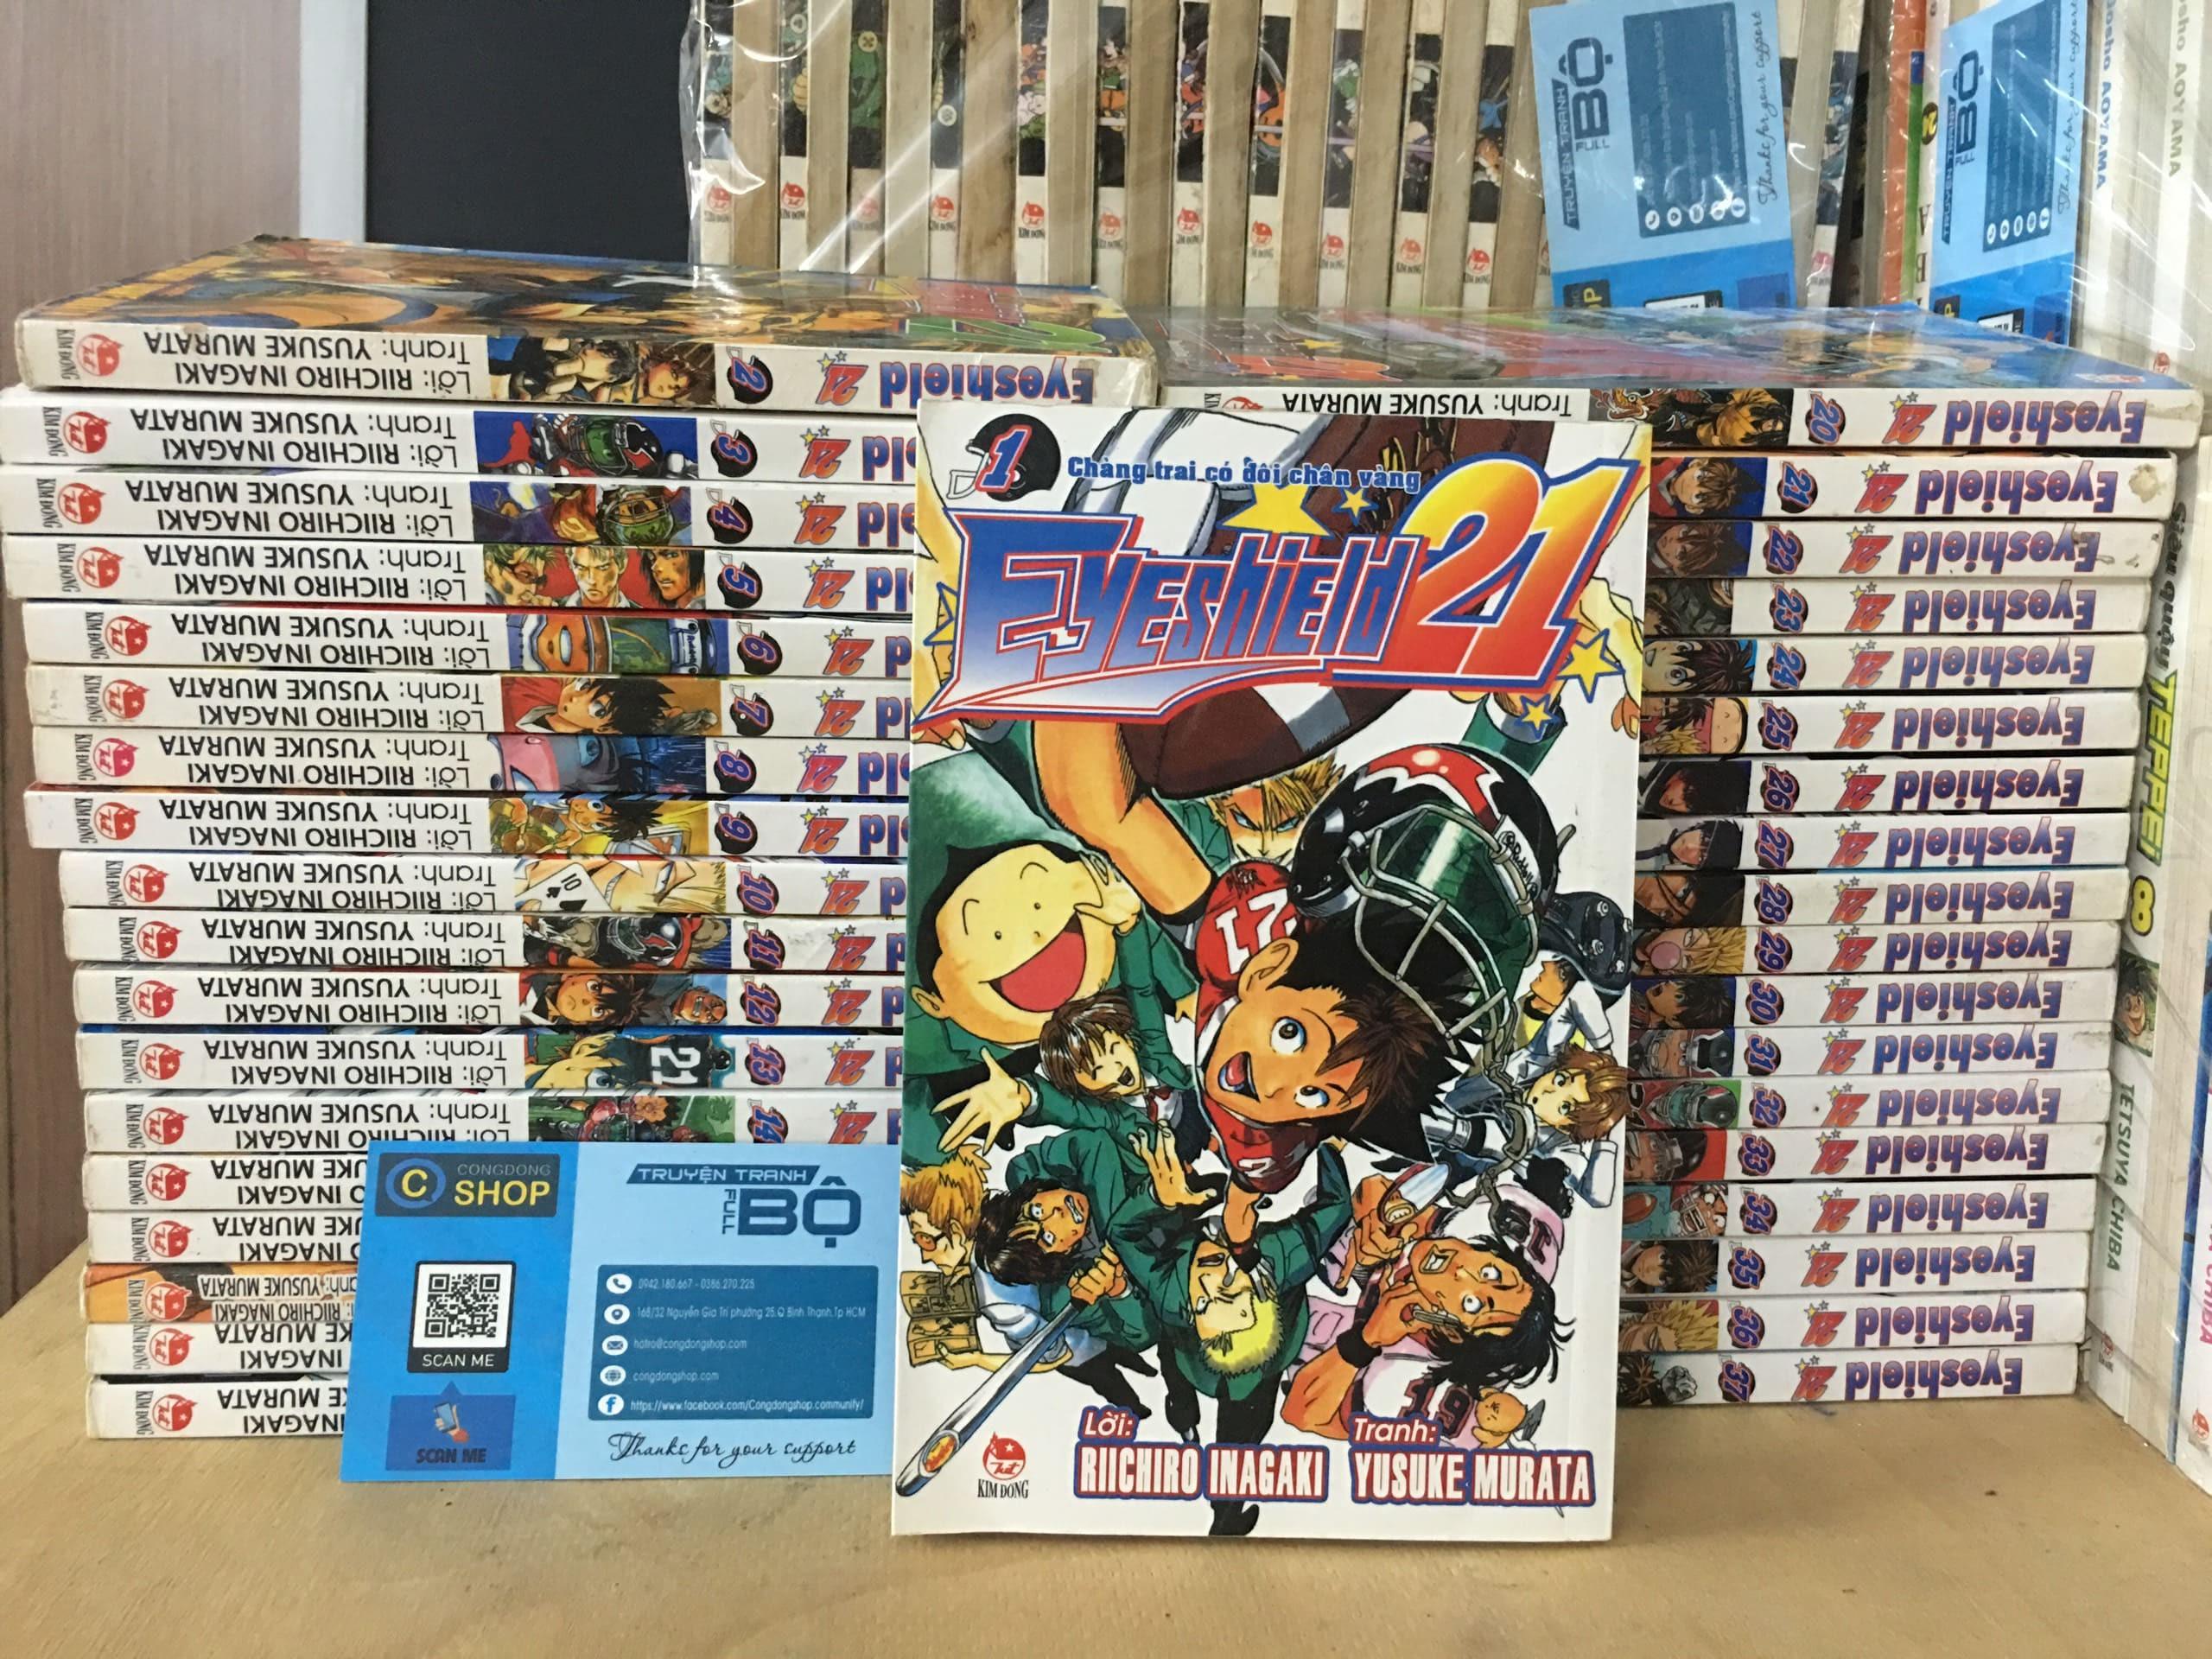 Truyện Tranh Eyeshield 21 Trọn Bộ 37 tập giá rẻ